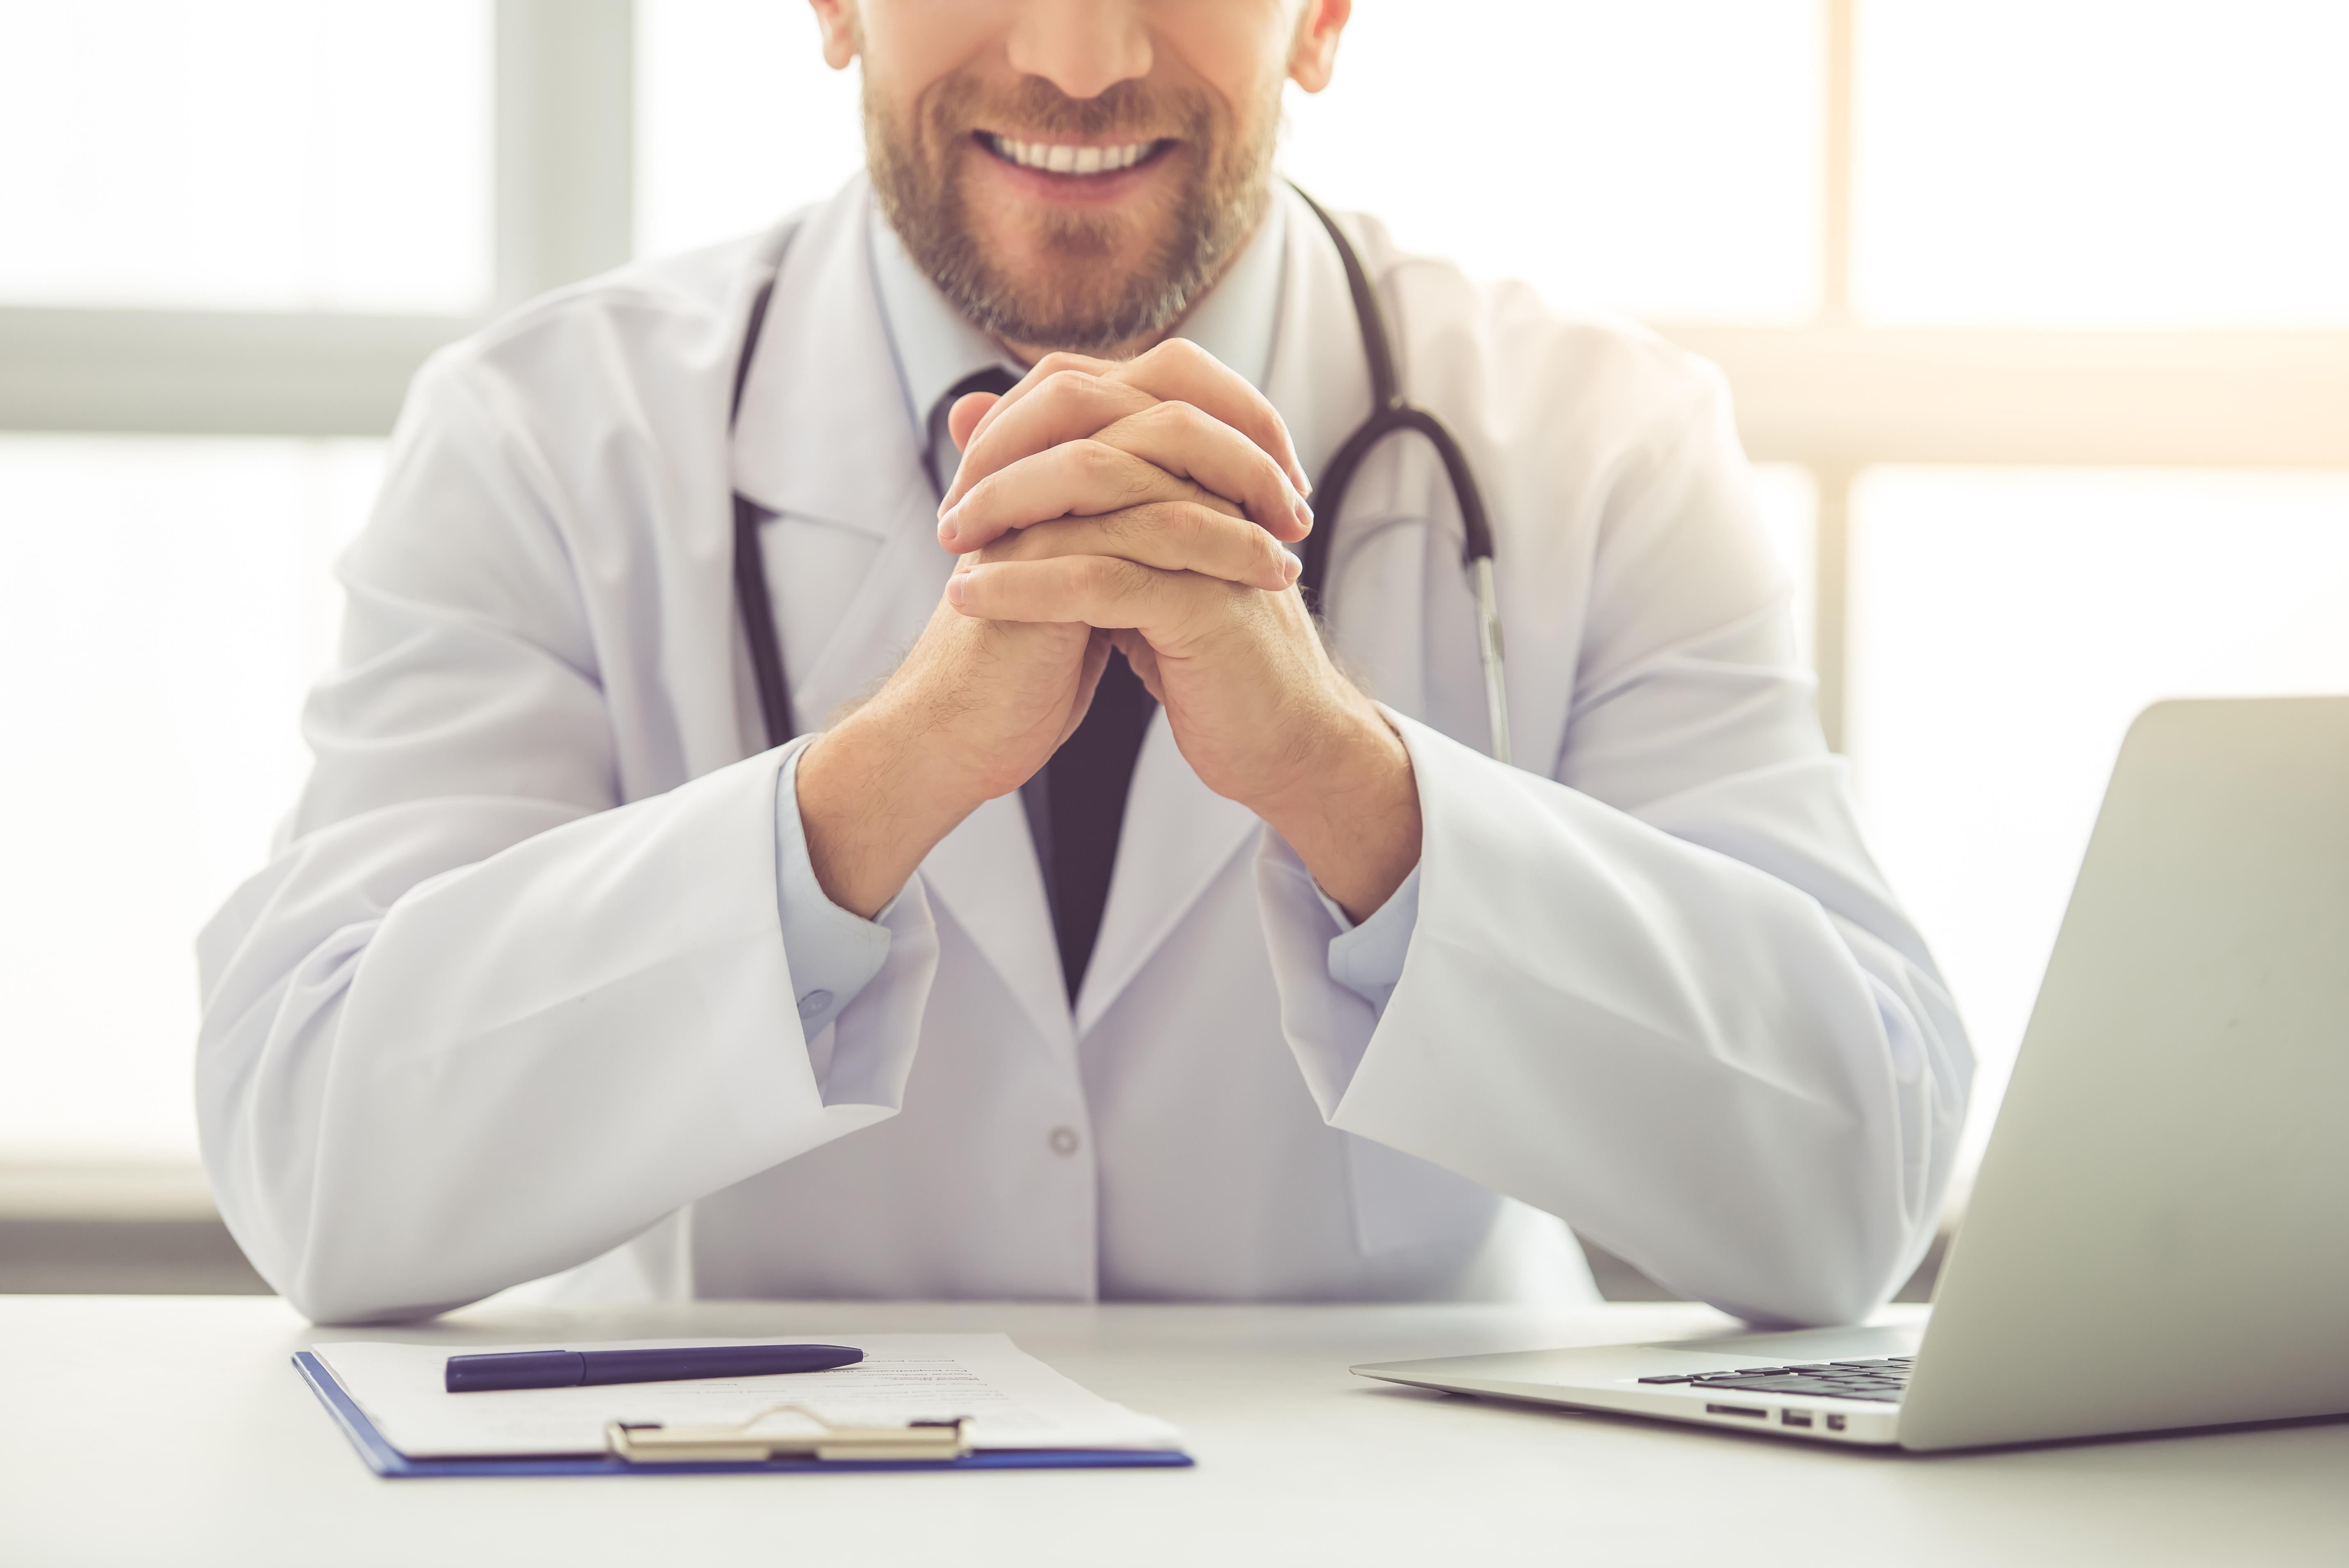 handsome-medical-doctor-YNCAMPL